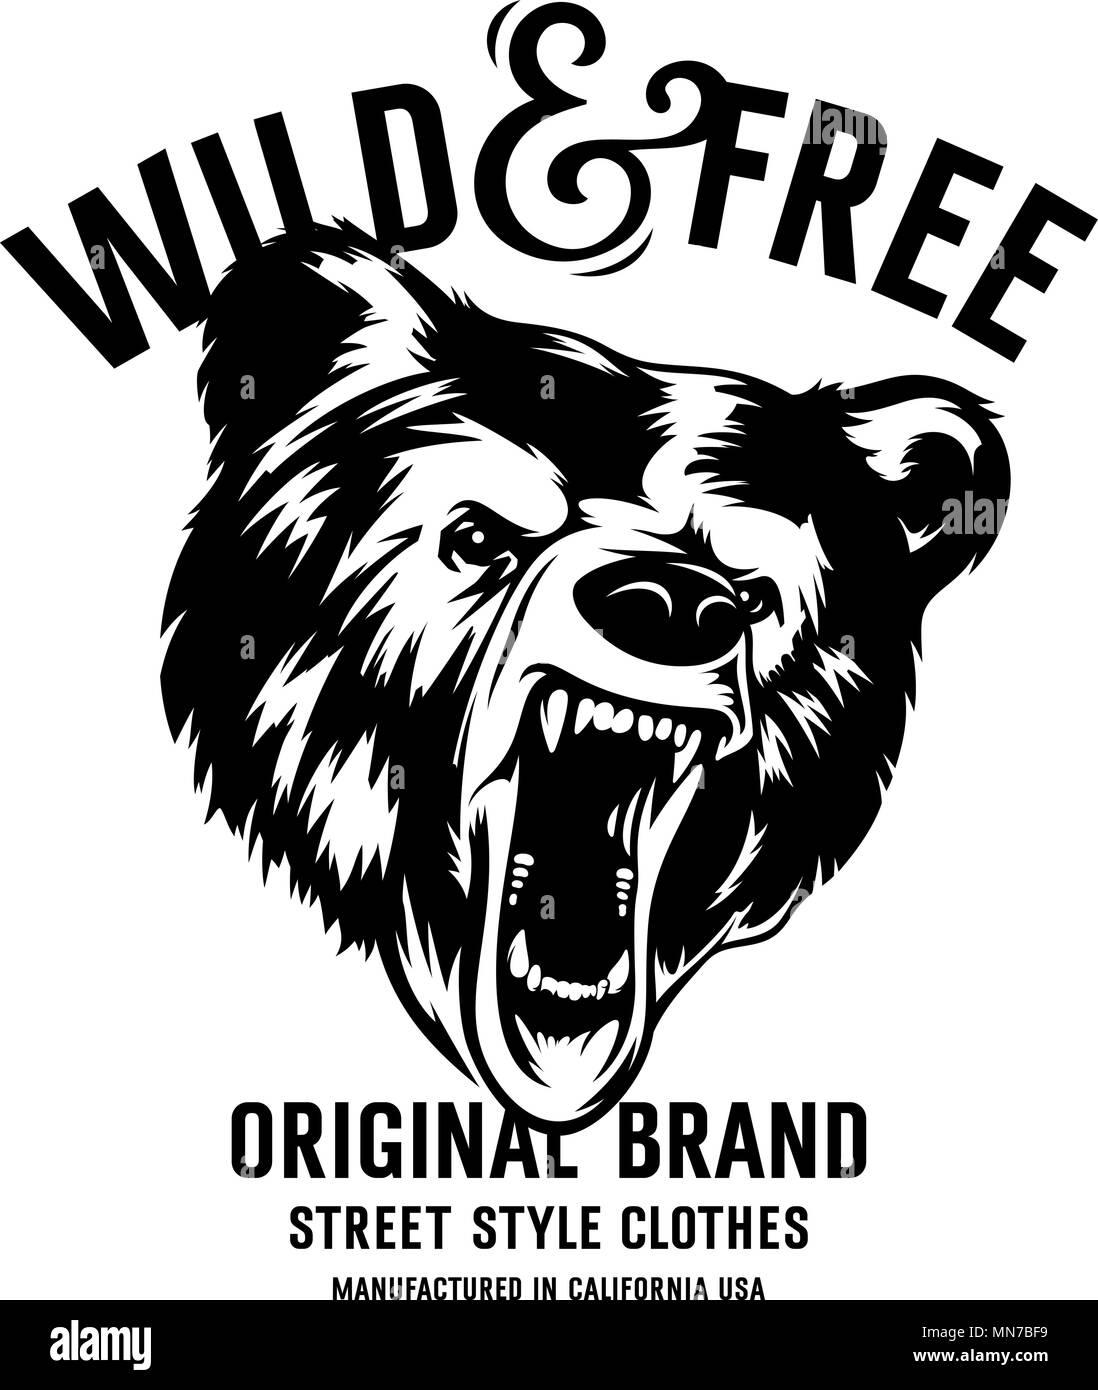 d64dae30838c Salvaje y libre tipografía vintage con una cabeza de un oso grizzly ...